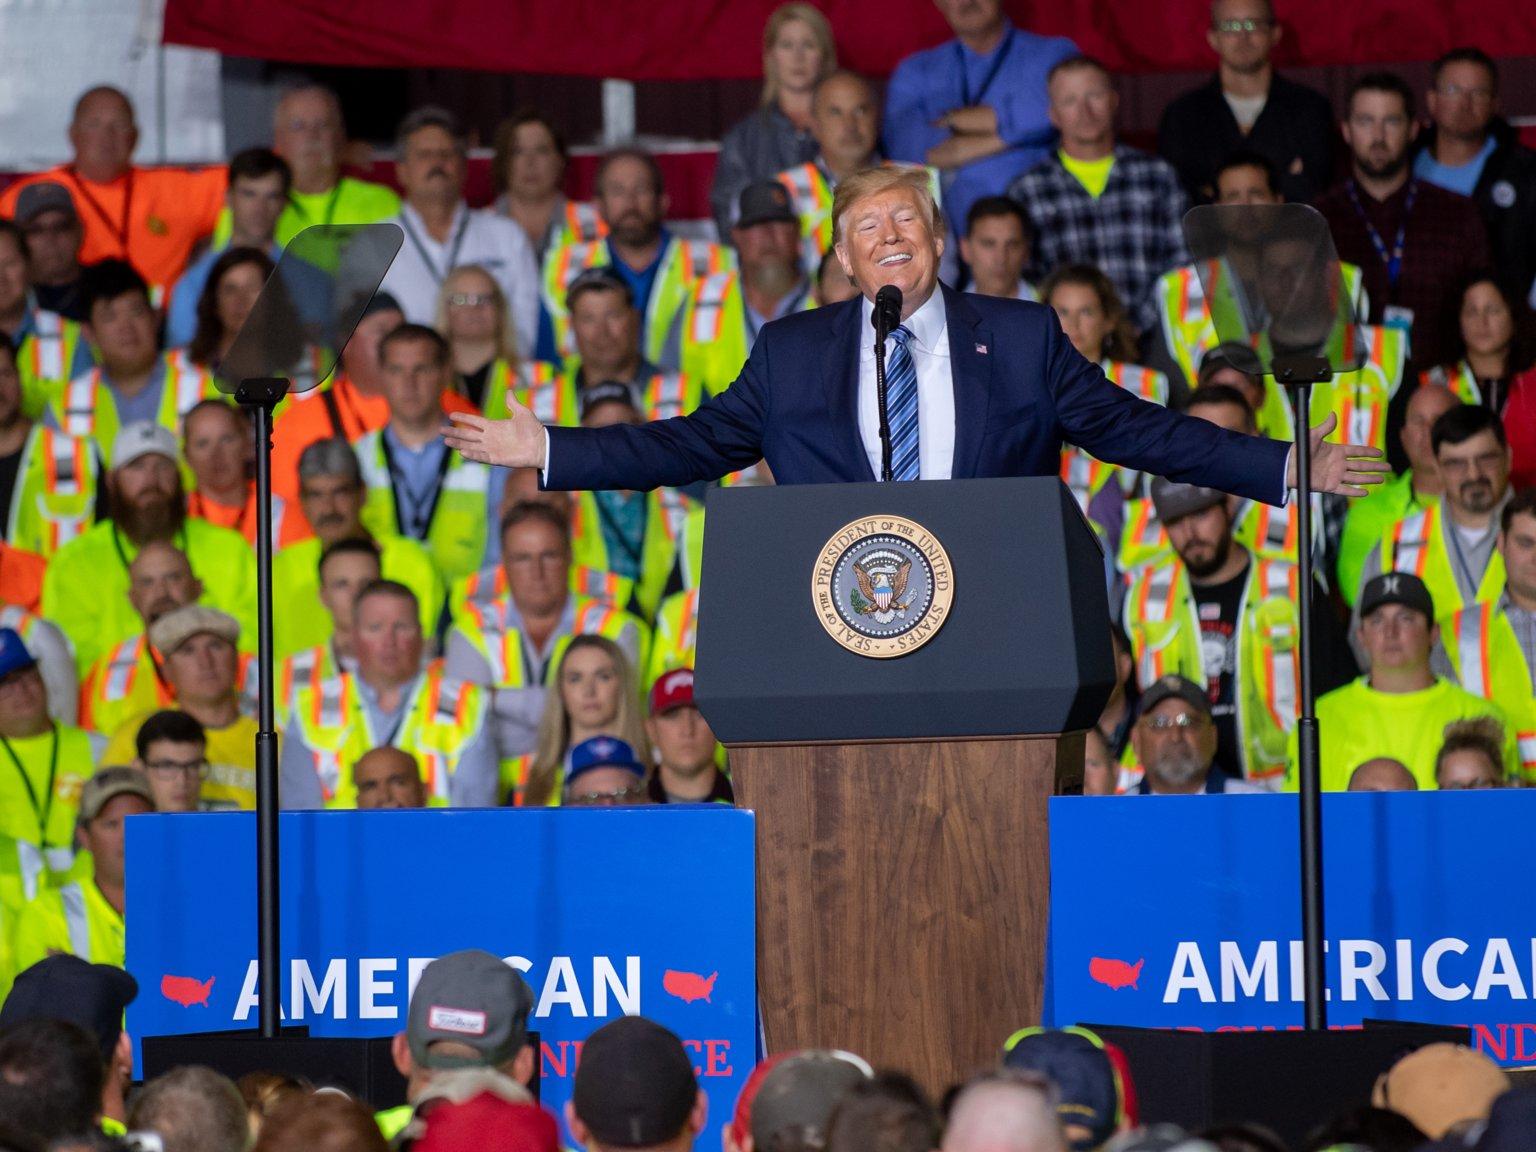 در سخنرانی ترامپ شرکت کنید یا از حقوق خود صرف نظر کنید